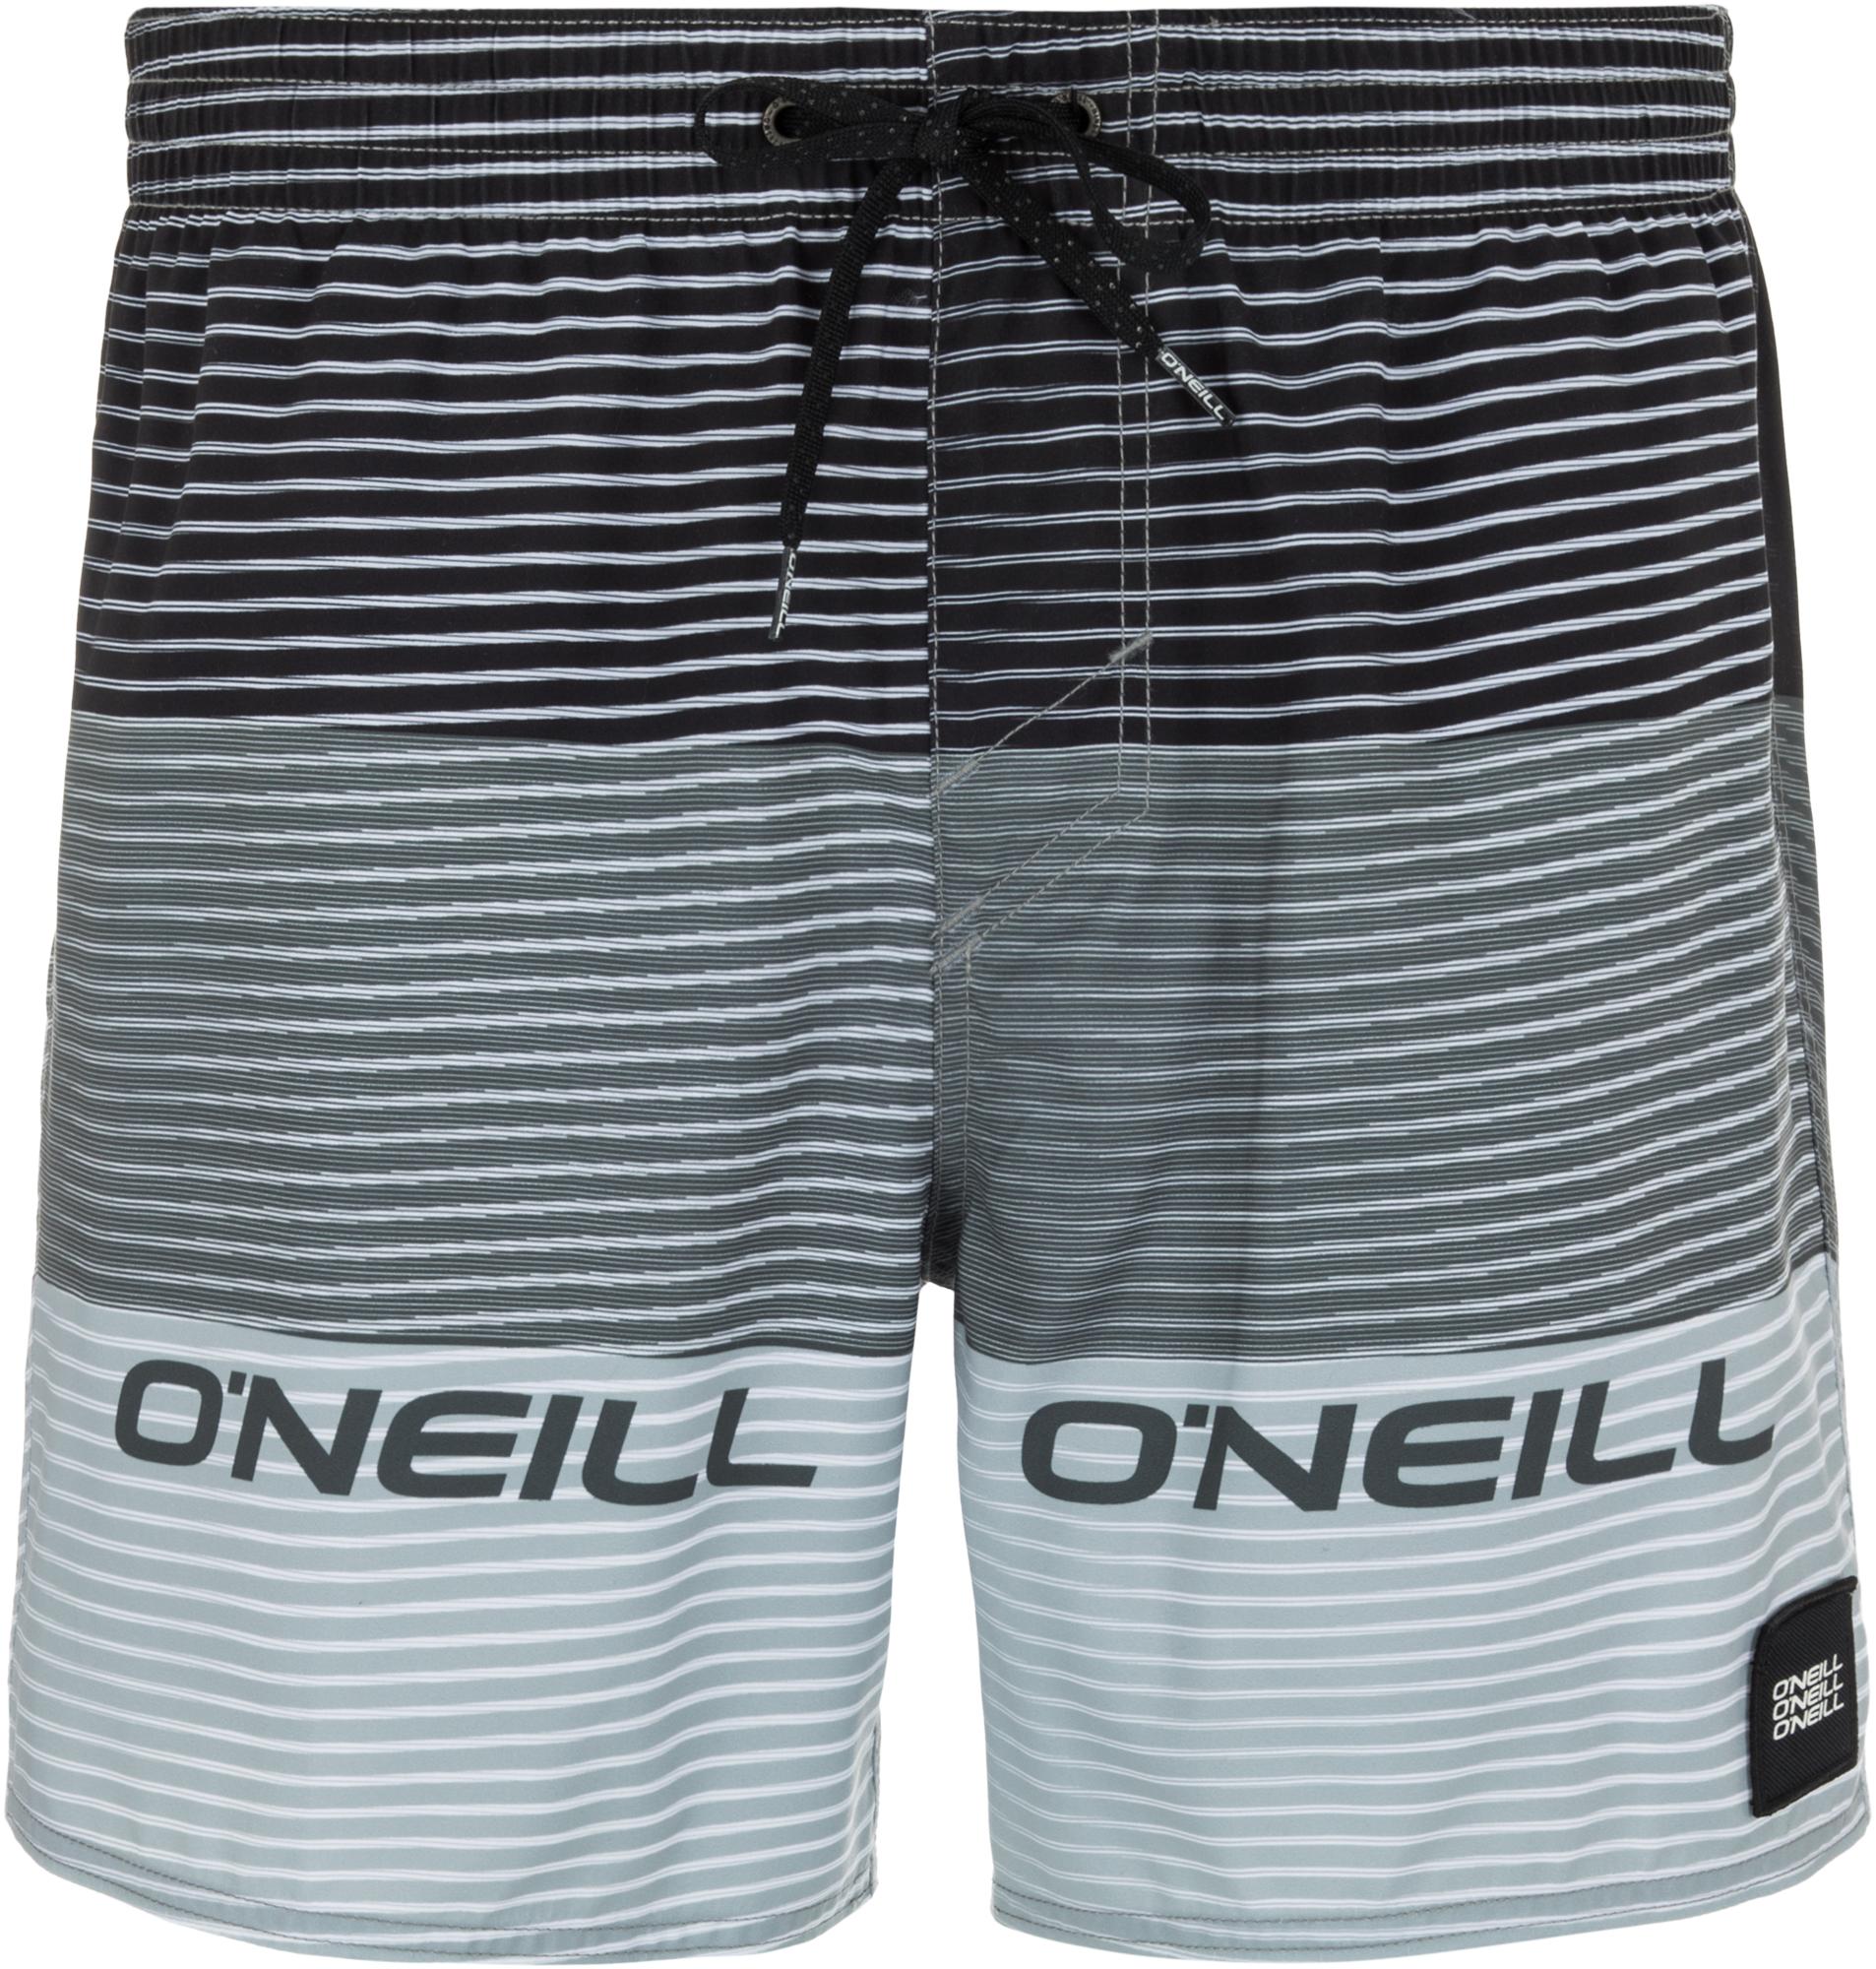 O'Neill Шорты пляжные мужские O'Neill Hm Sunstroke, размер 54-56